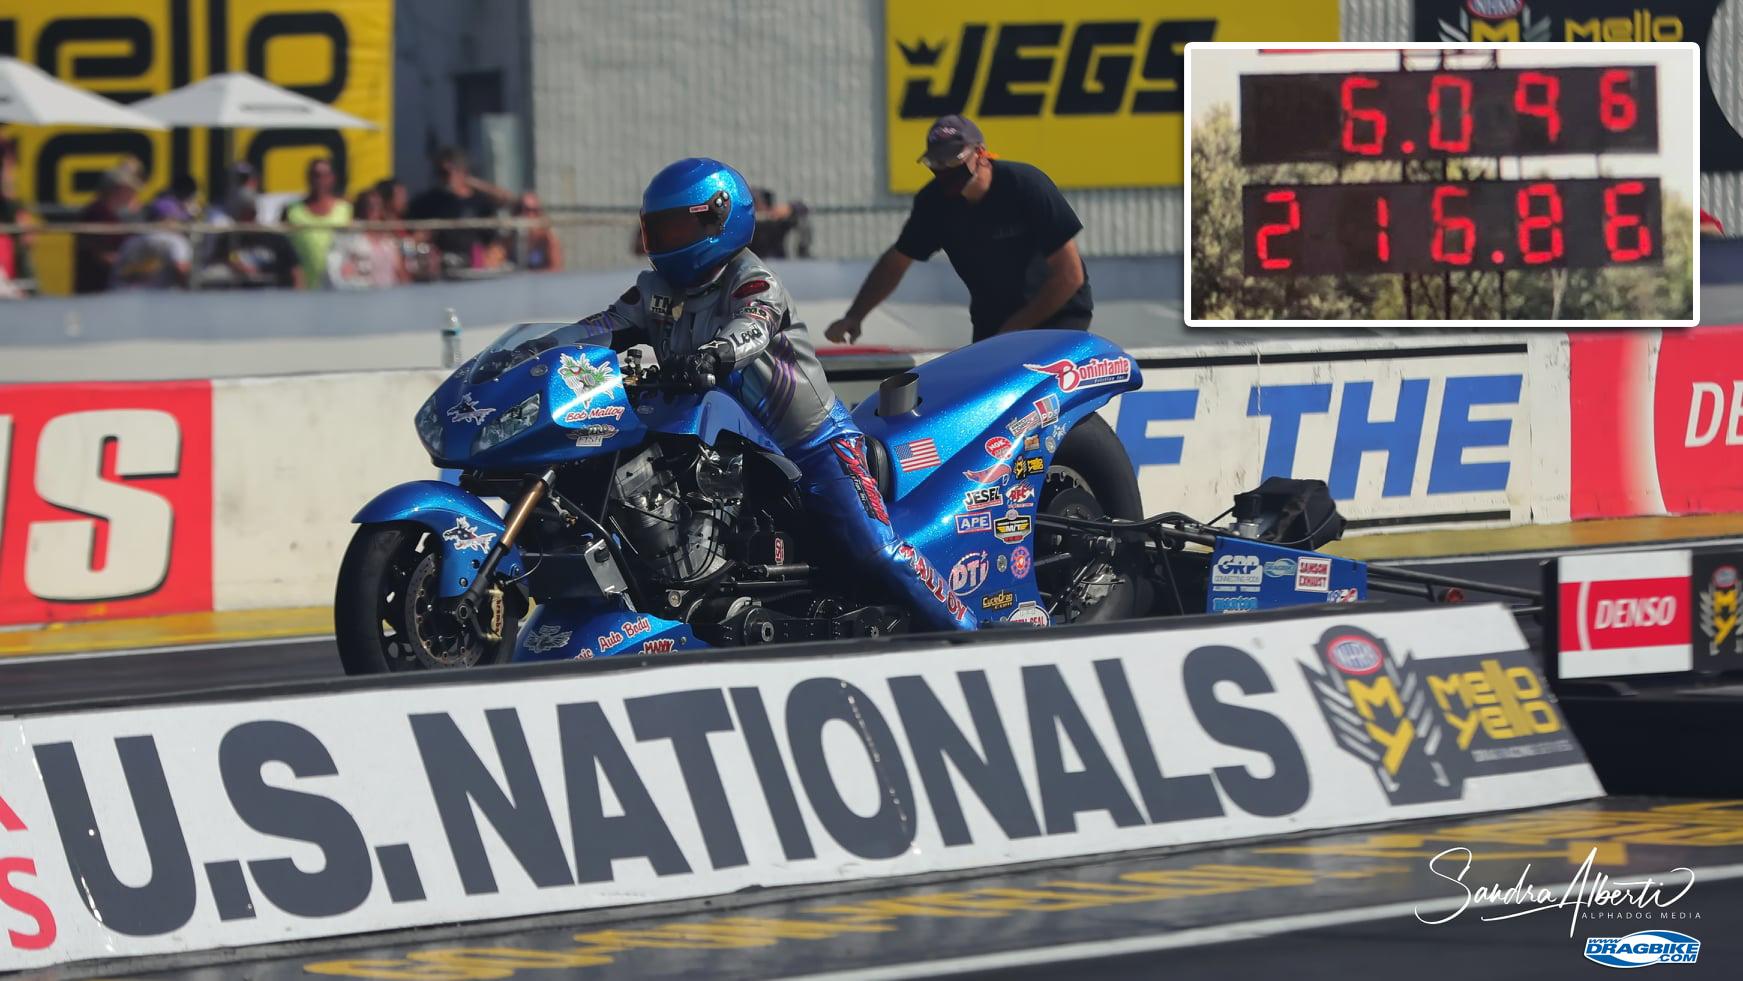 Top Fuel Harley - Bob Malloy